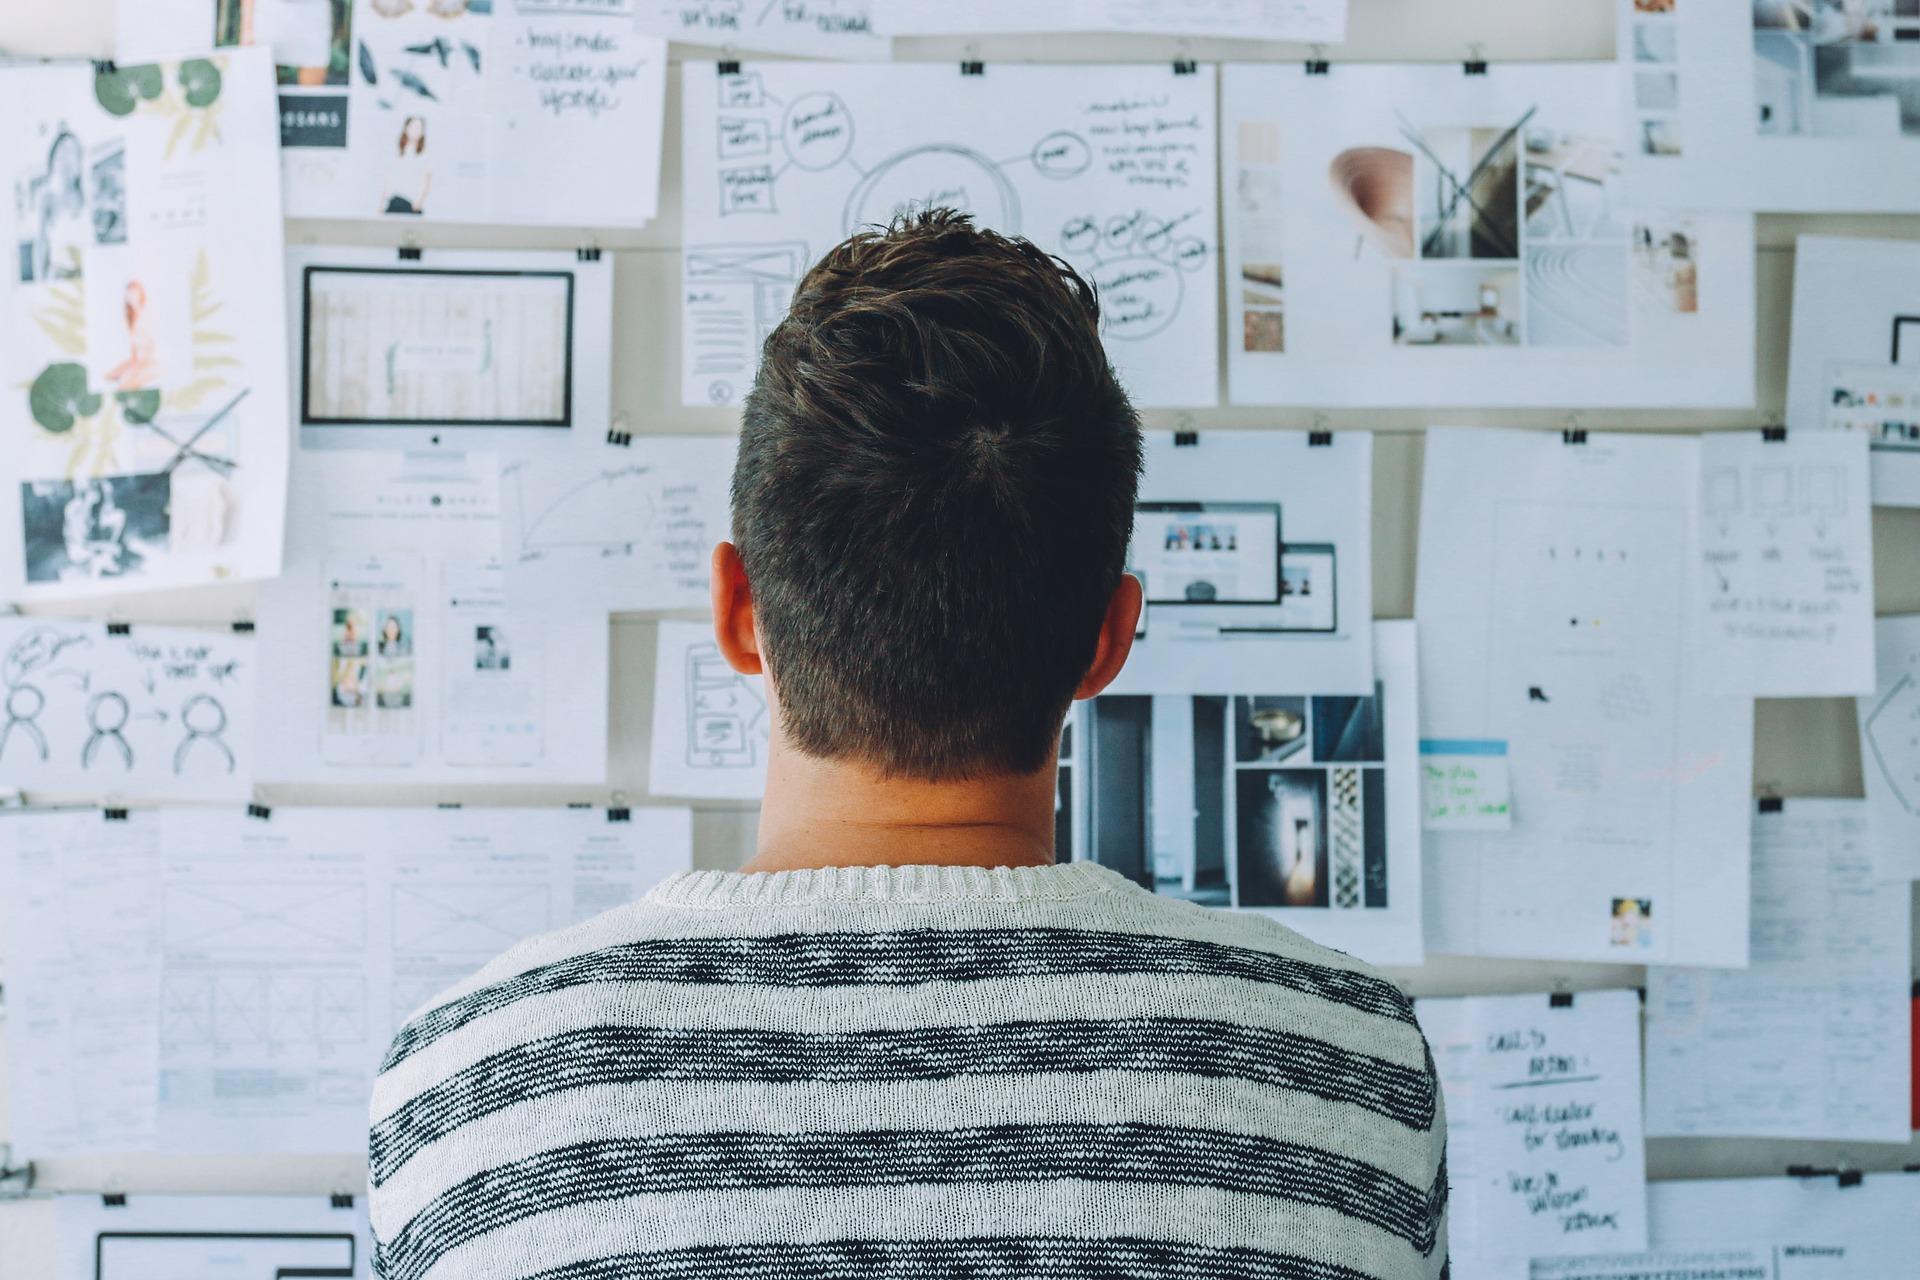 """業務効率を向上させる""""見える化""""と、情報共有を成功に導く4つのポイント"""